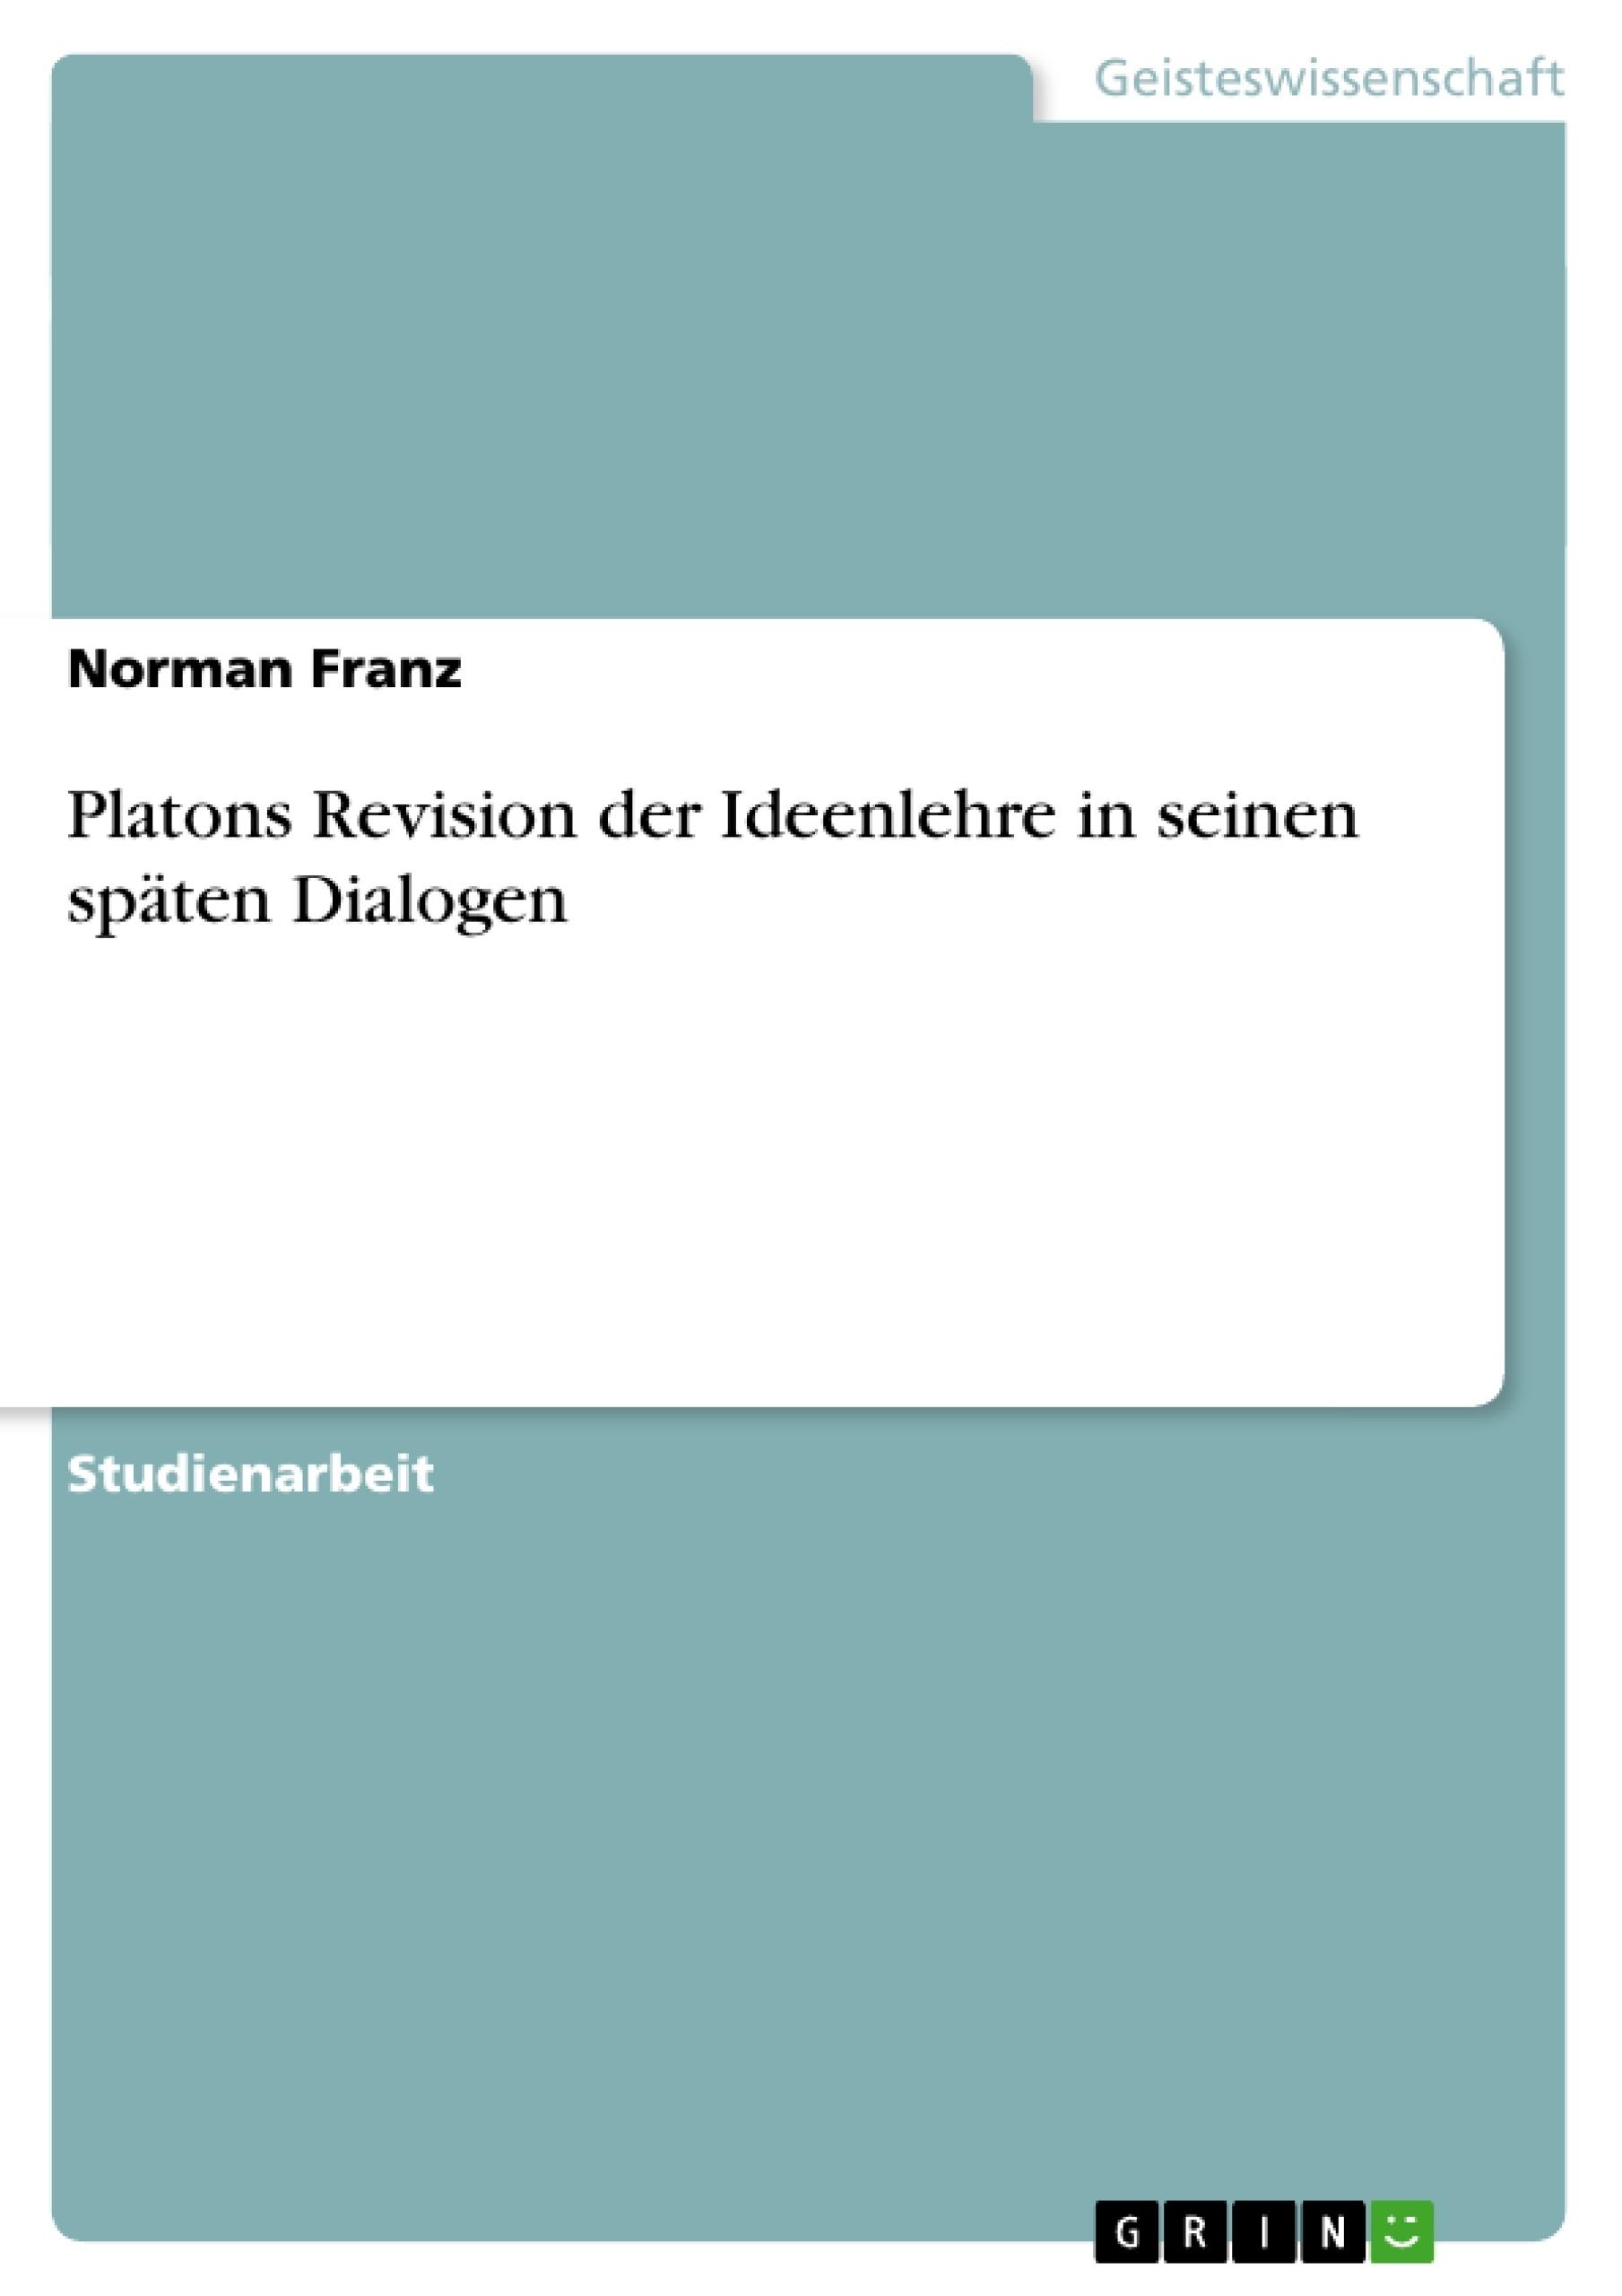 Titel: Platons Revision der Ideenlehre  in seinen späten Dialogen